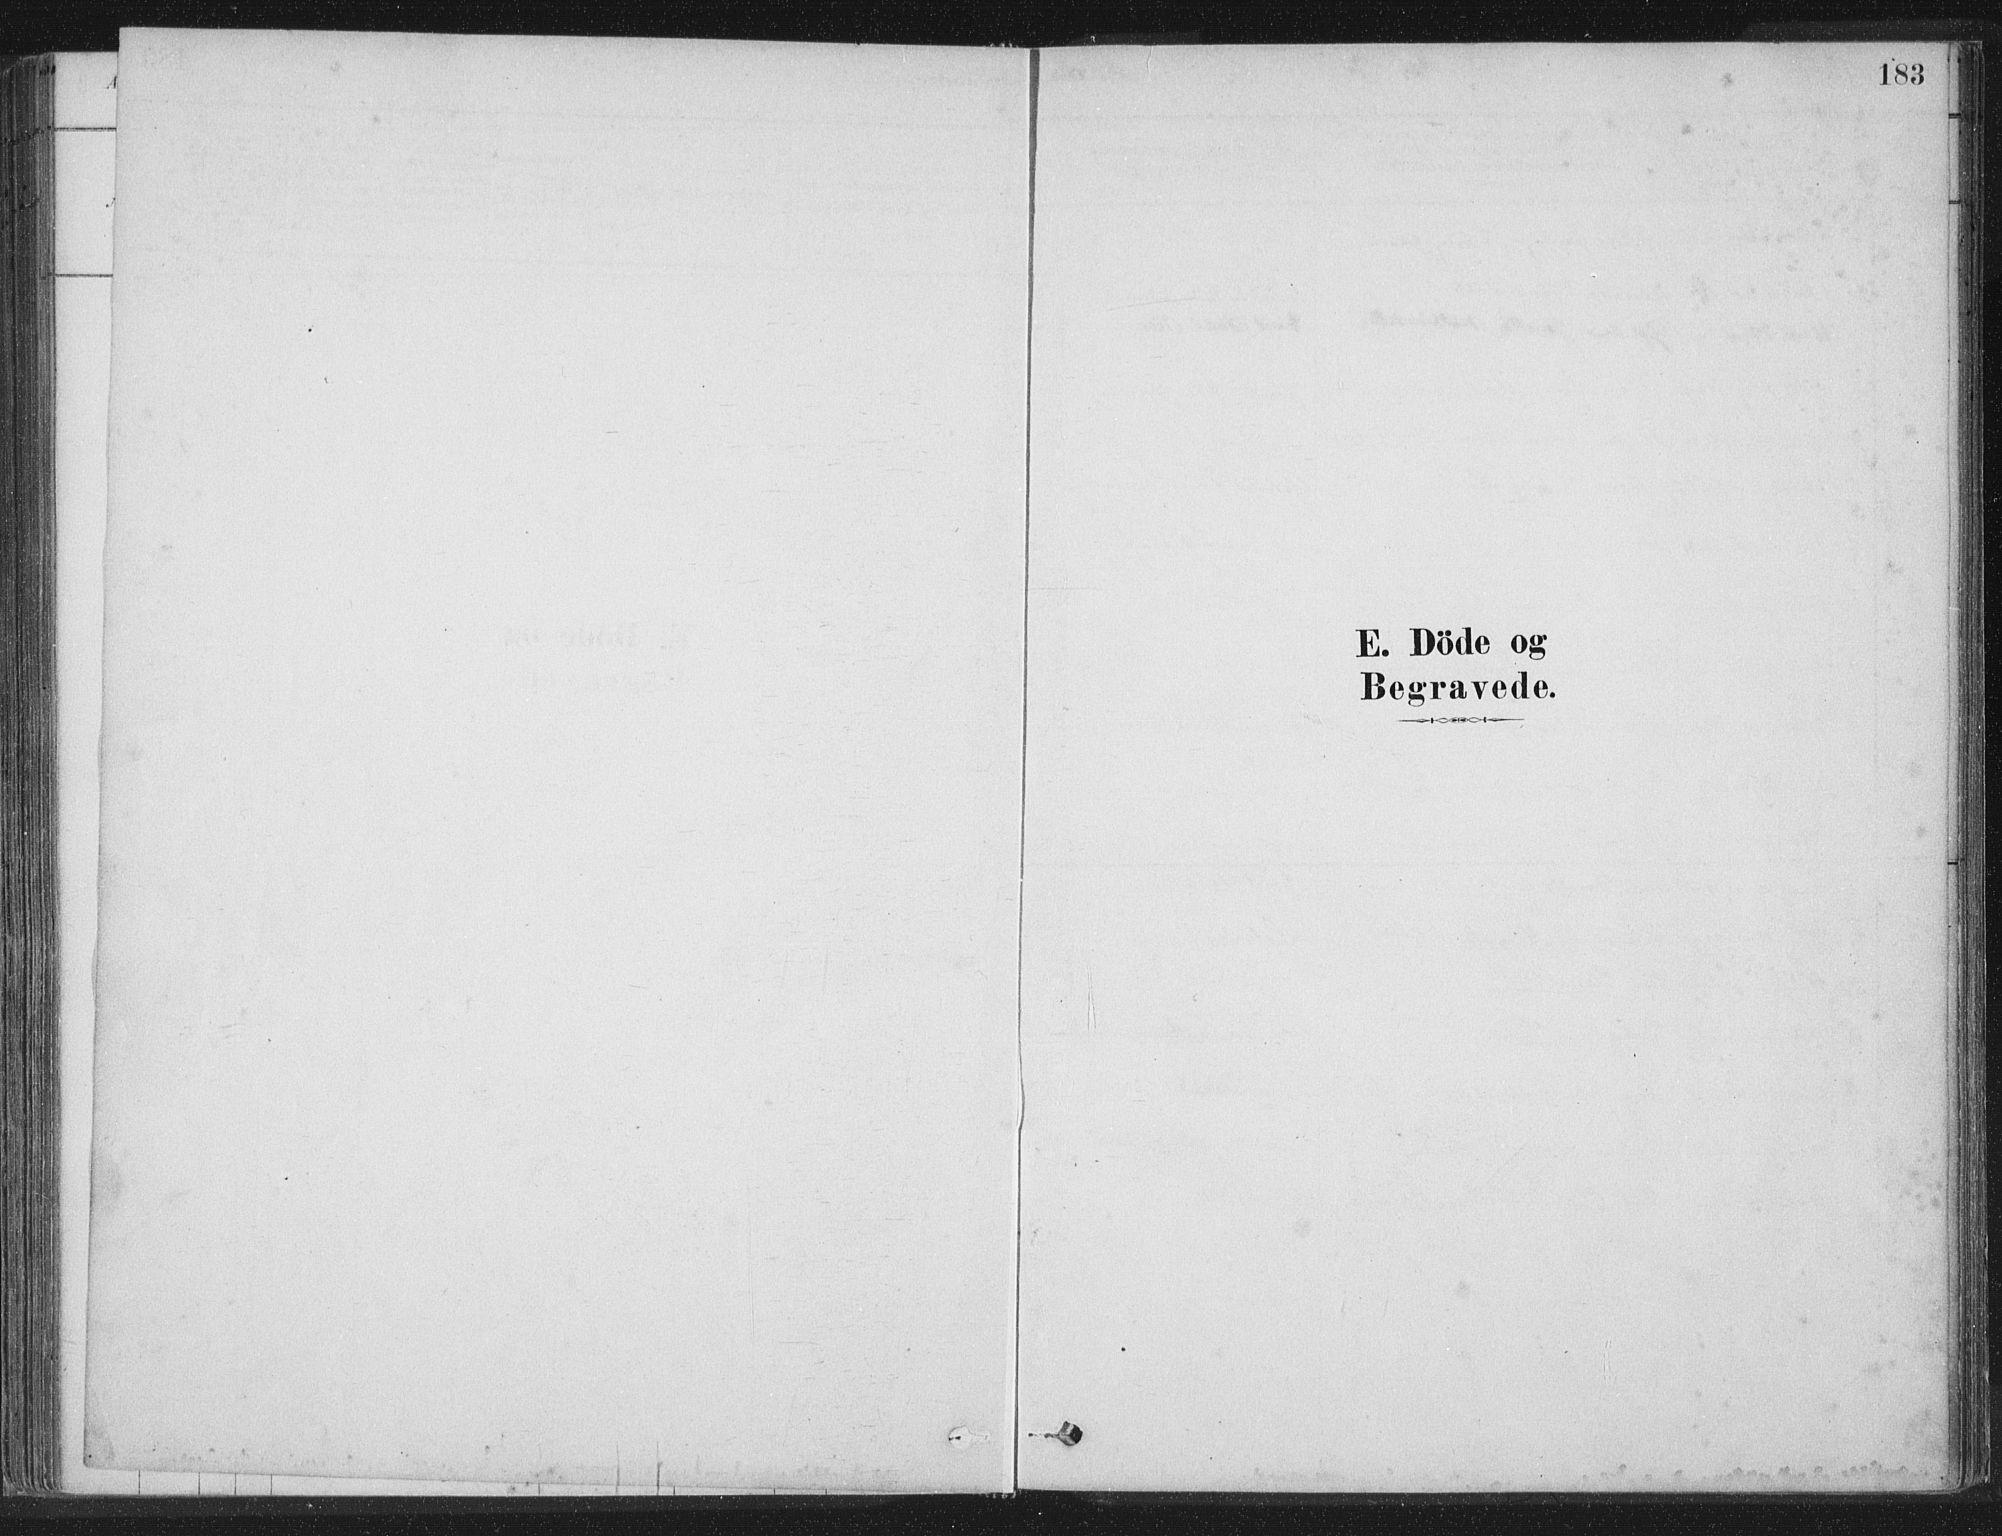 SAT, Ministerialprotokoller, klokkerbøker og fødselsregistre - Nord-Trøndelag, 788/L0697: Ministerialbok nr. 788A04, 1878-1902, s. 183